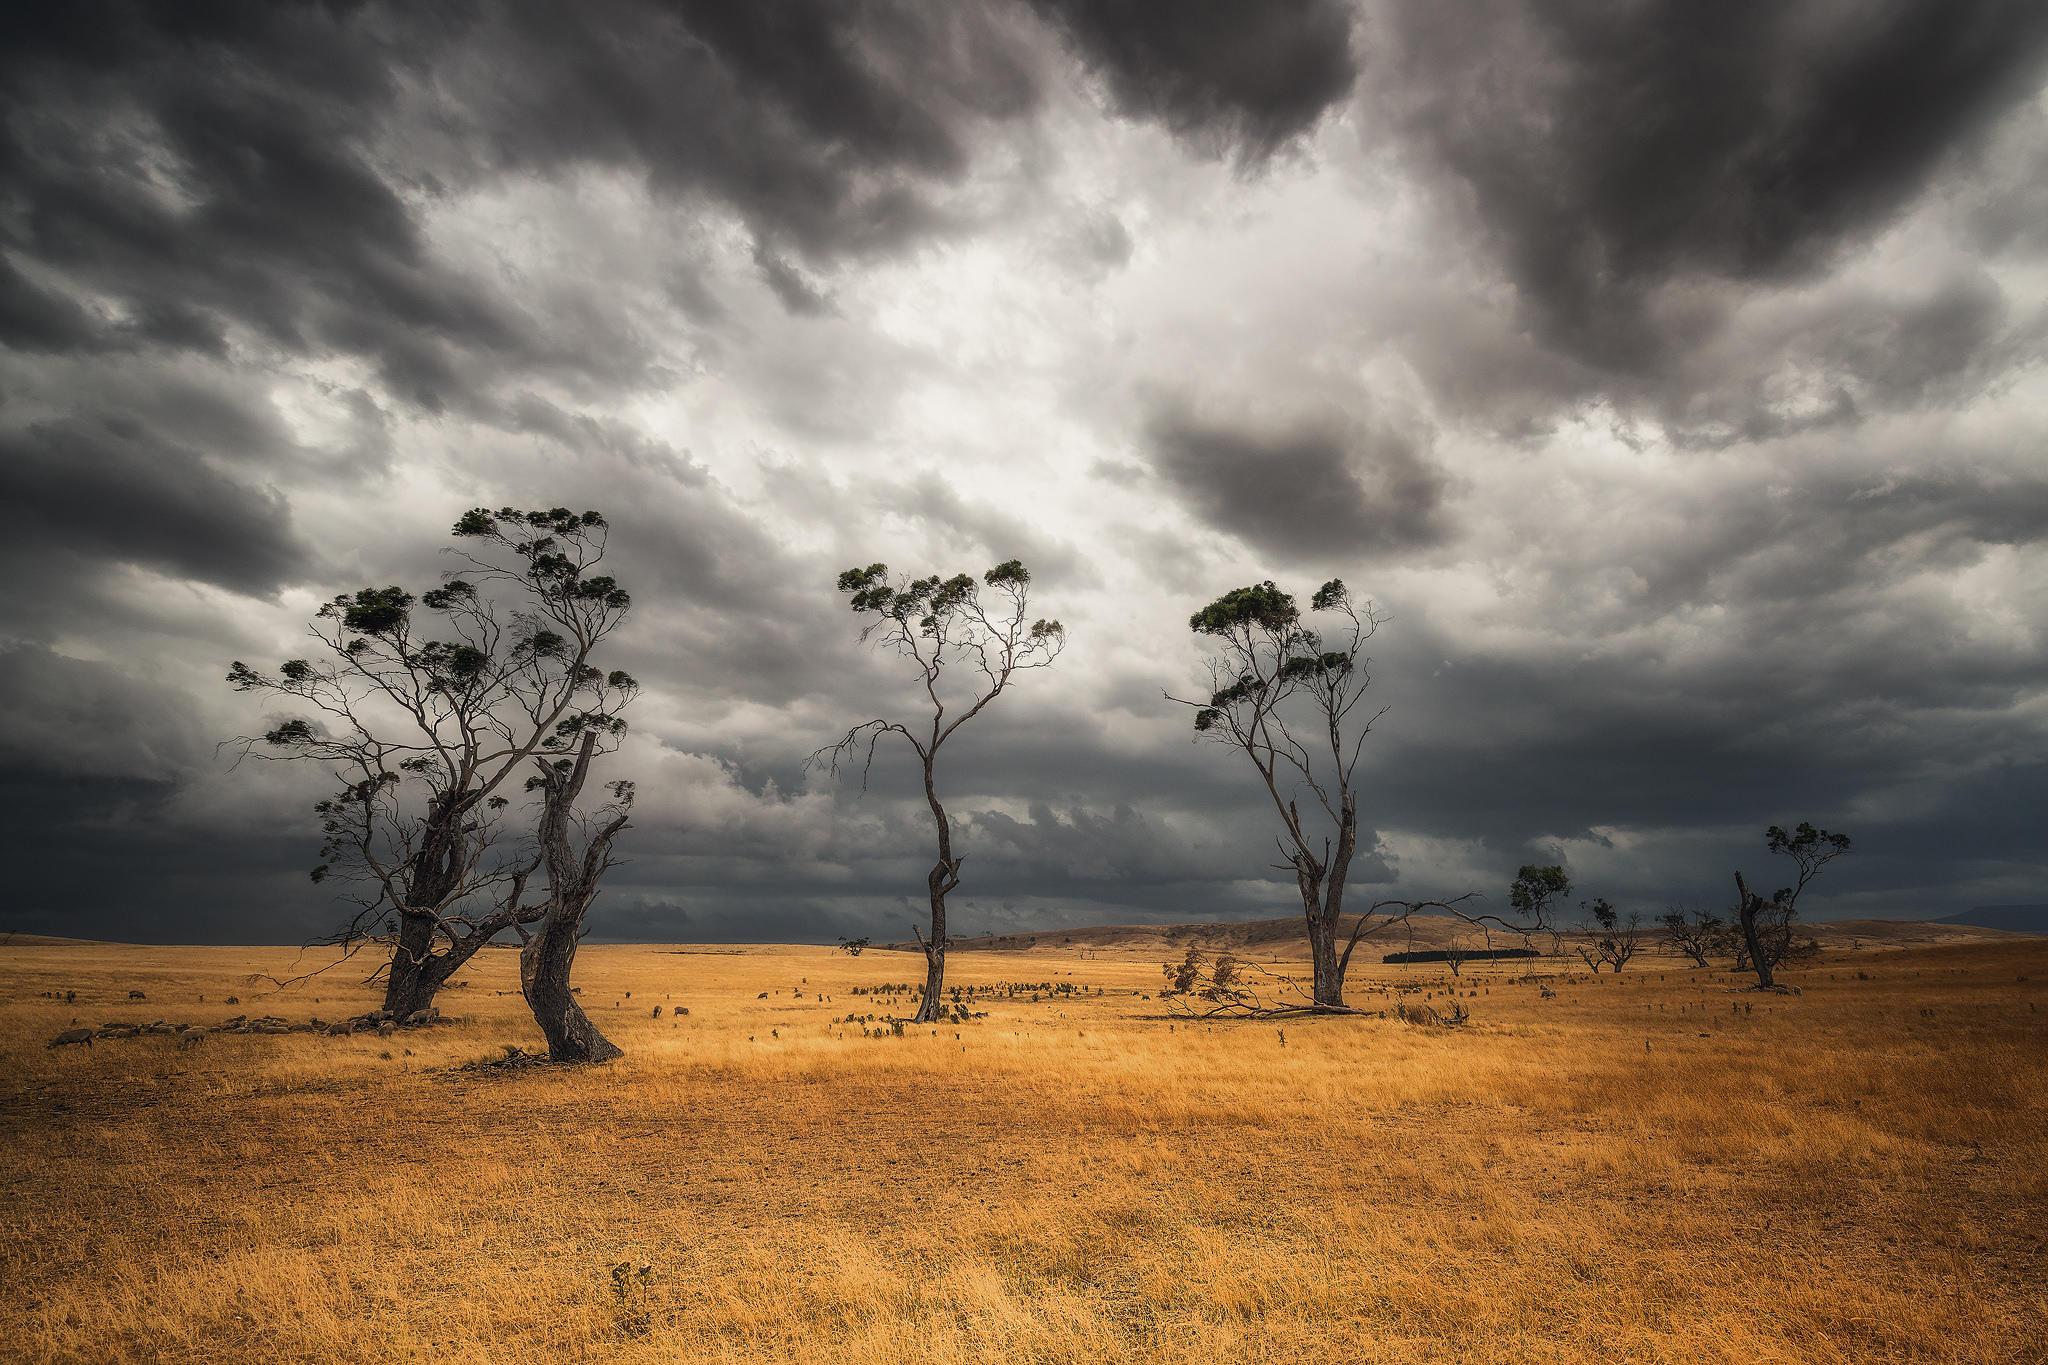 Австралия, поле, тучи, деревья, пейзаж